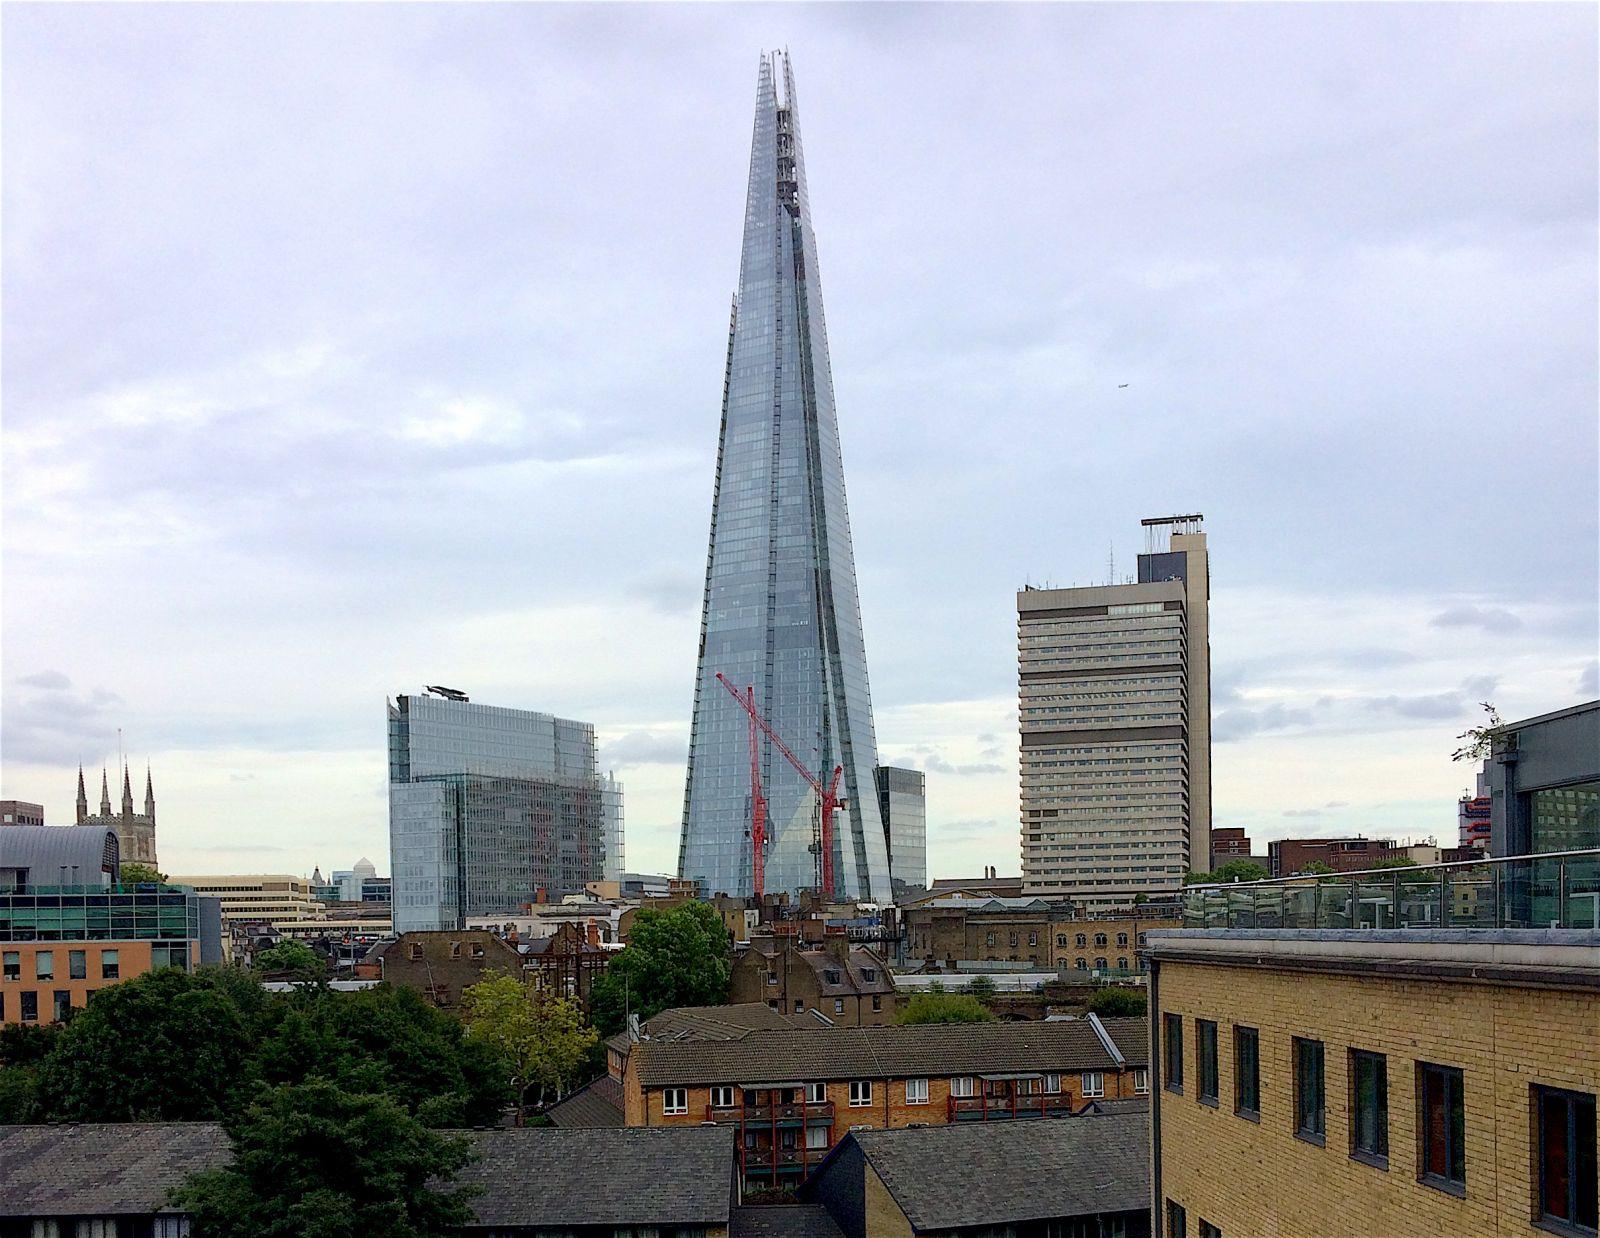 shard-tower-london